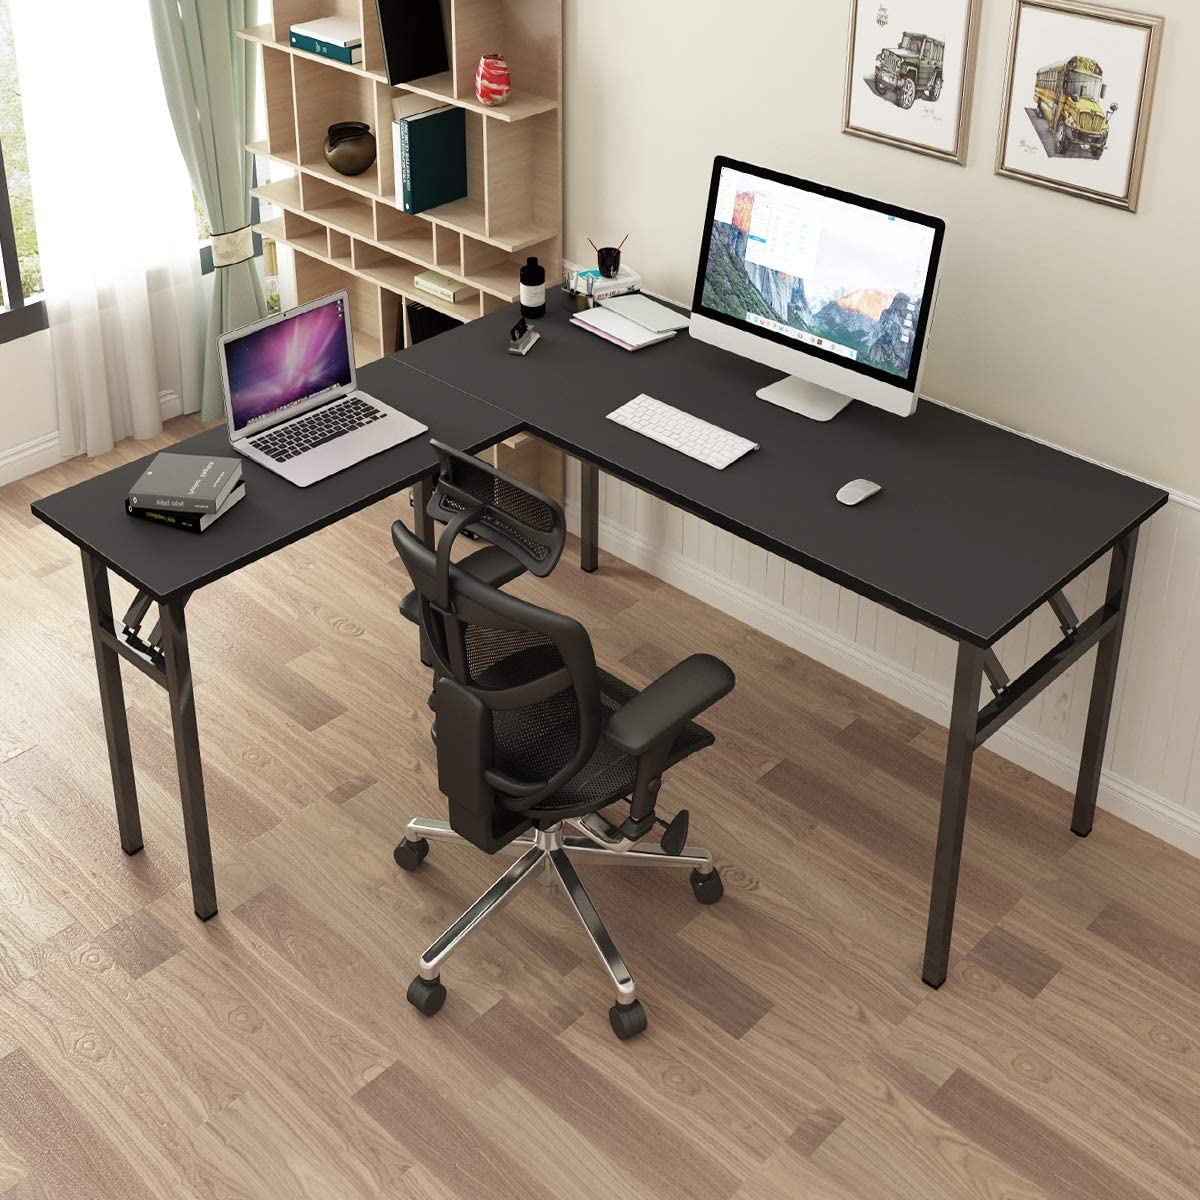 SogesPower L-Shaped Computer Table Home Office Desk Computer Desk Multifunctional Desk Workstation, Meeting Desk, Large Study Desk, Studio Table, Black, SPND-AC11CB